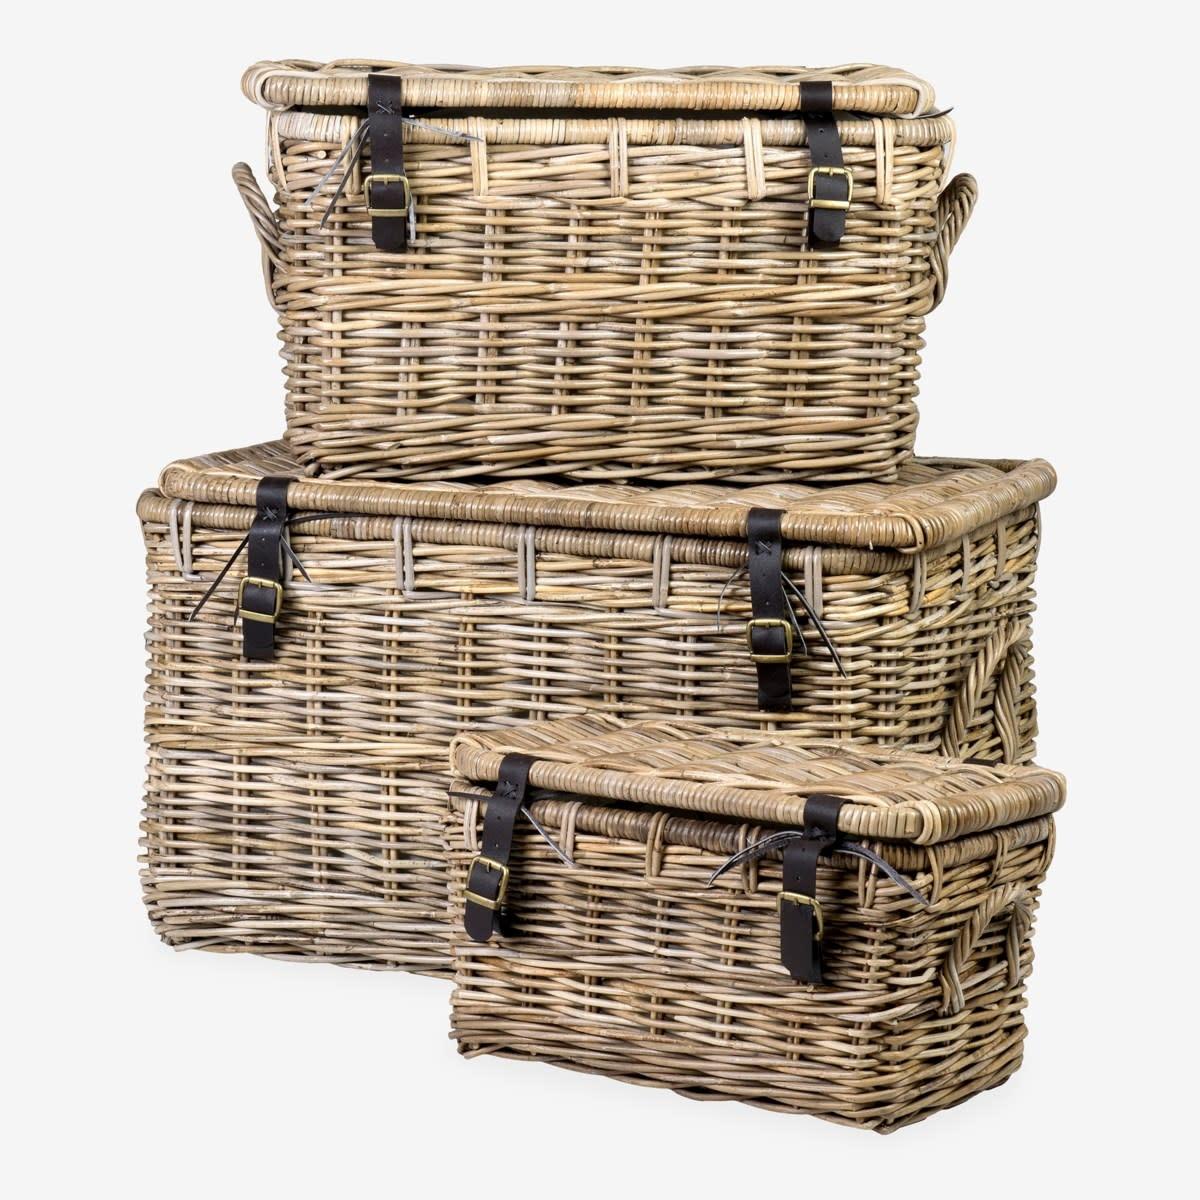 Marine Basket Large 30x19x19